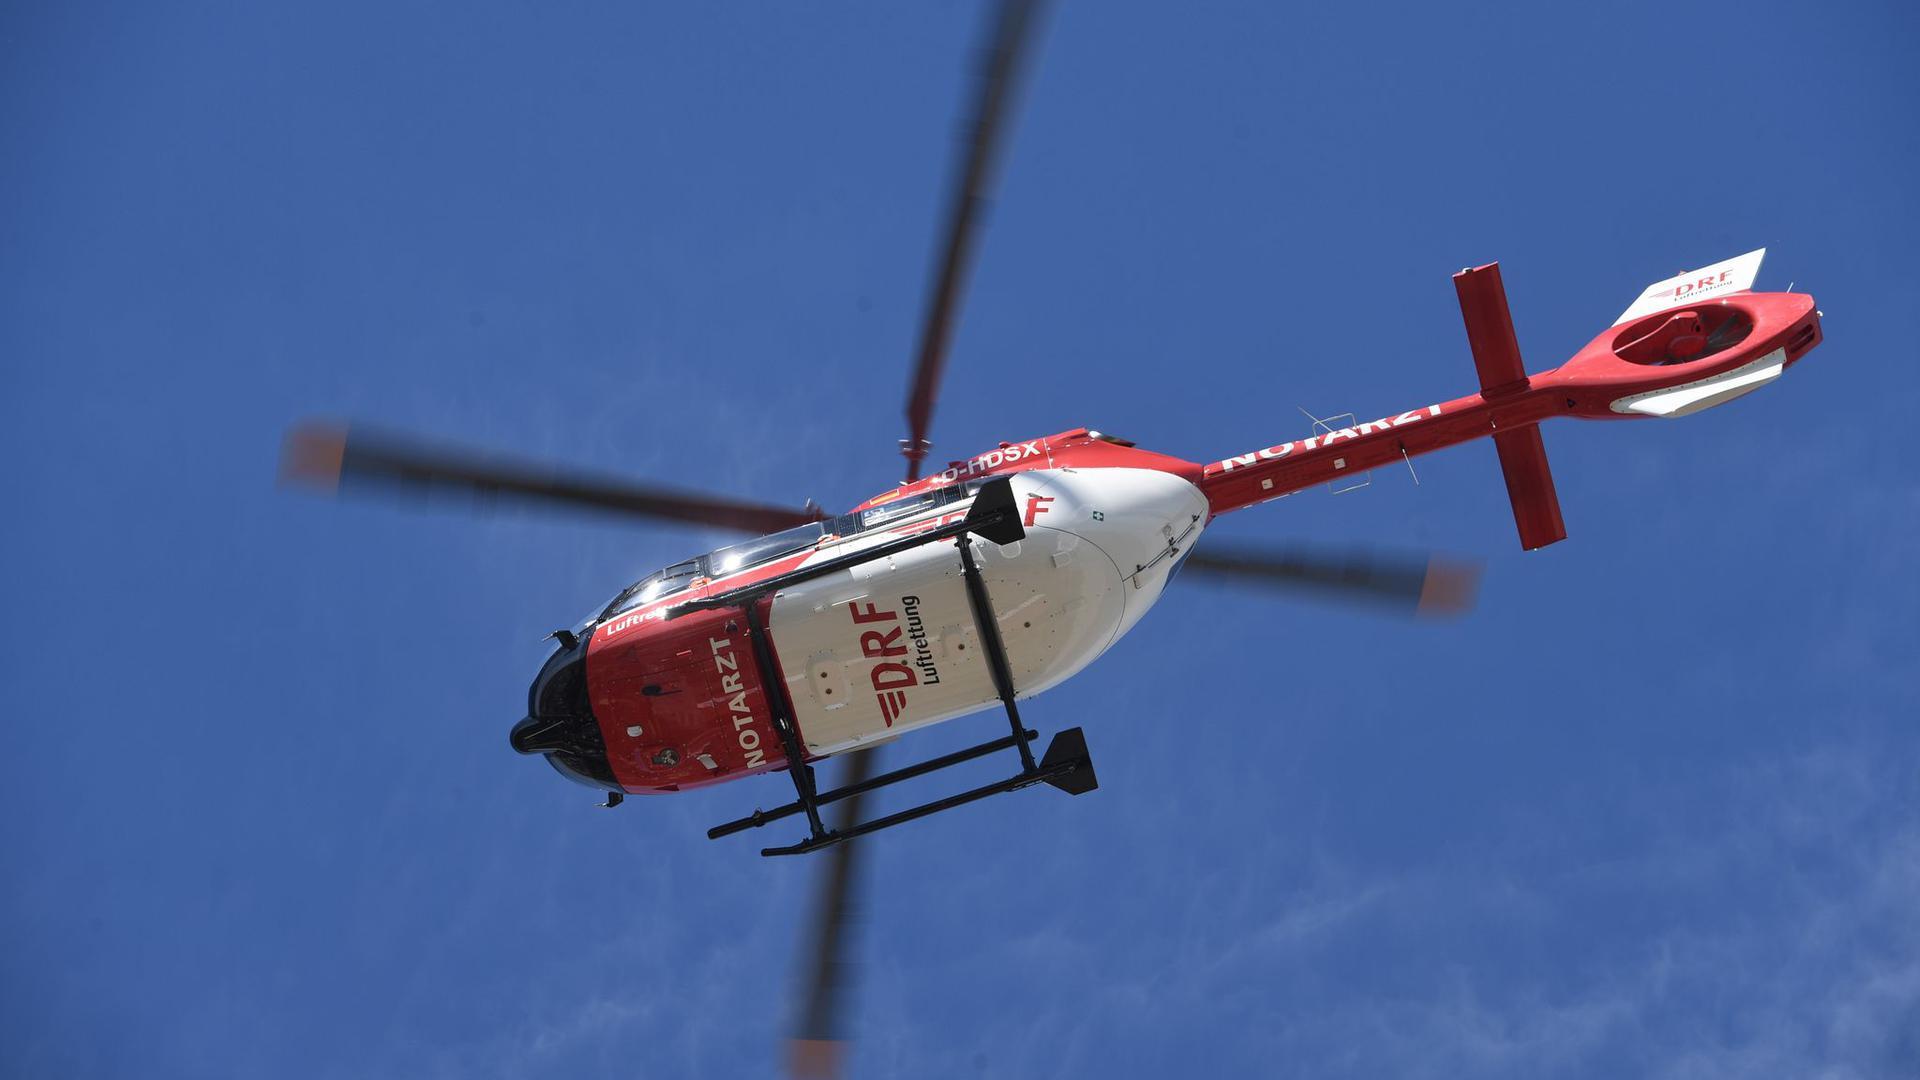 Ein Rettungshubschrauber fliegt am Himmel.